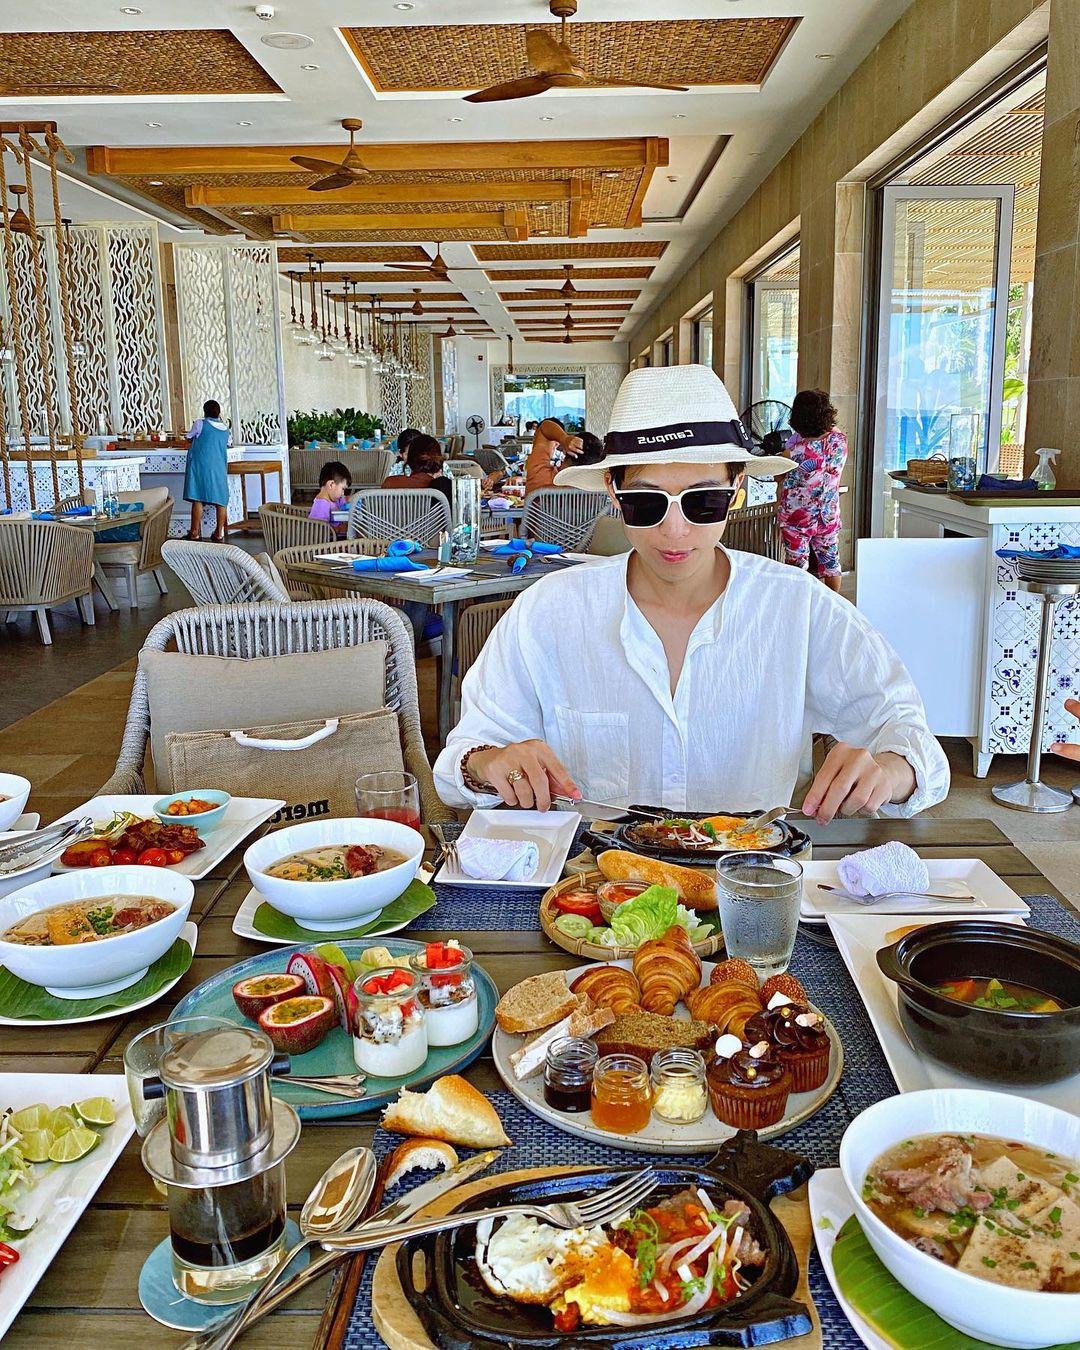 mia nha trang resort bai dai cam ranh